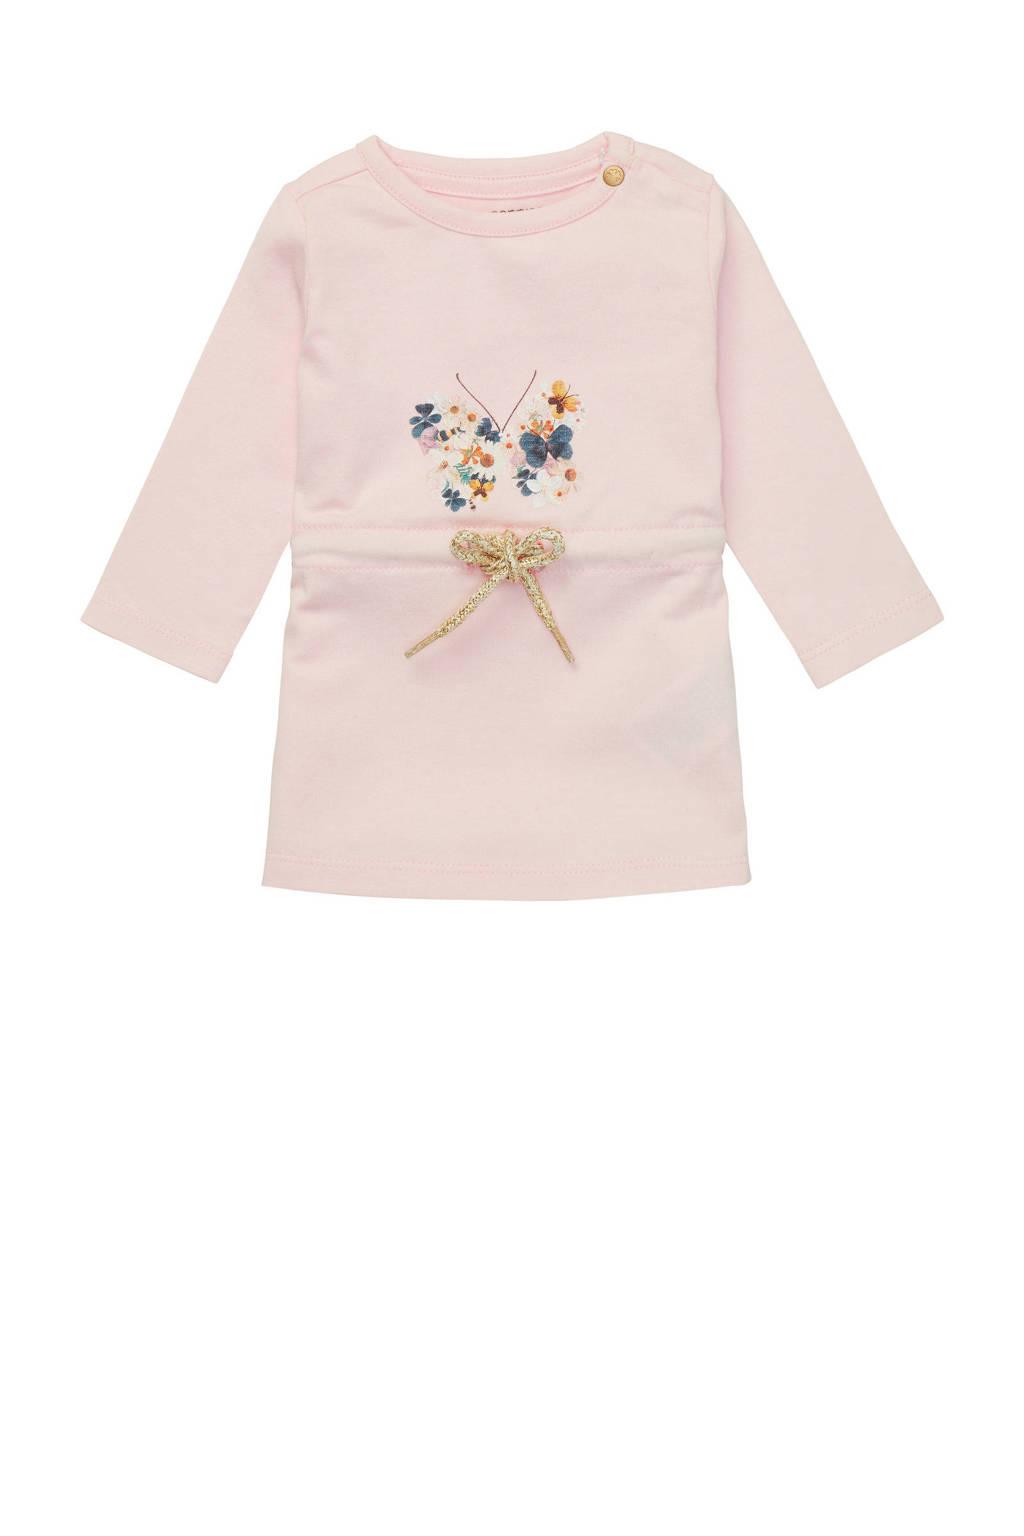 Noppies baby jurk Metchosin met biologisch katoen lichtroze, Lichtroze